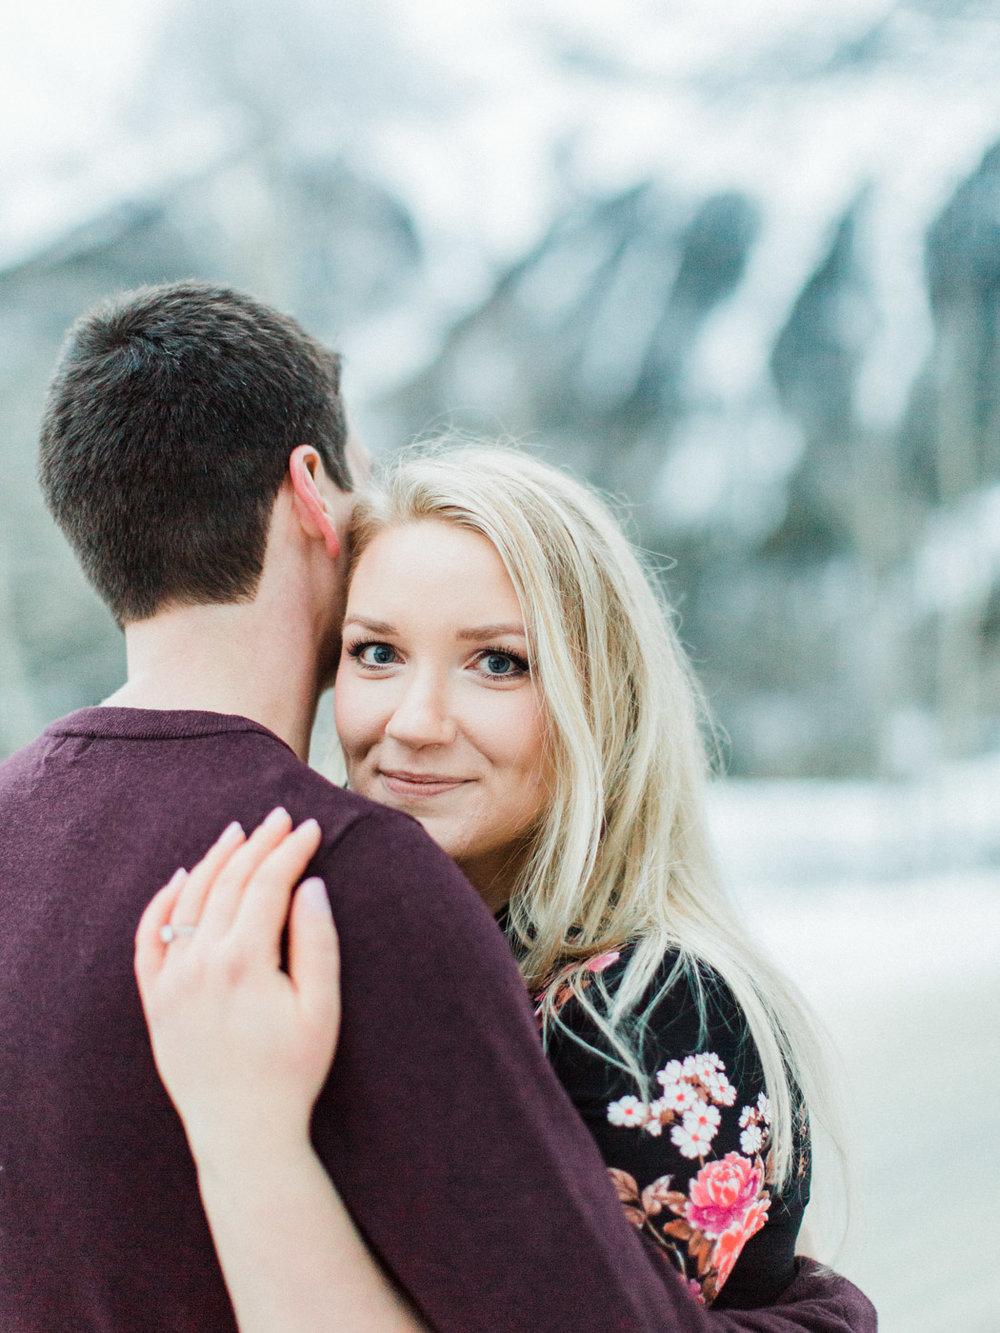 destination-engagement-photographer-adventurous-mountain-couples-session-122.jpg